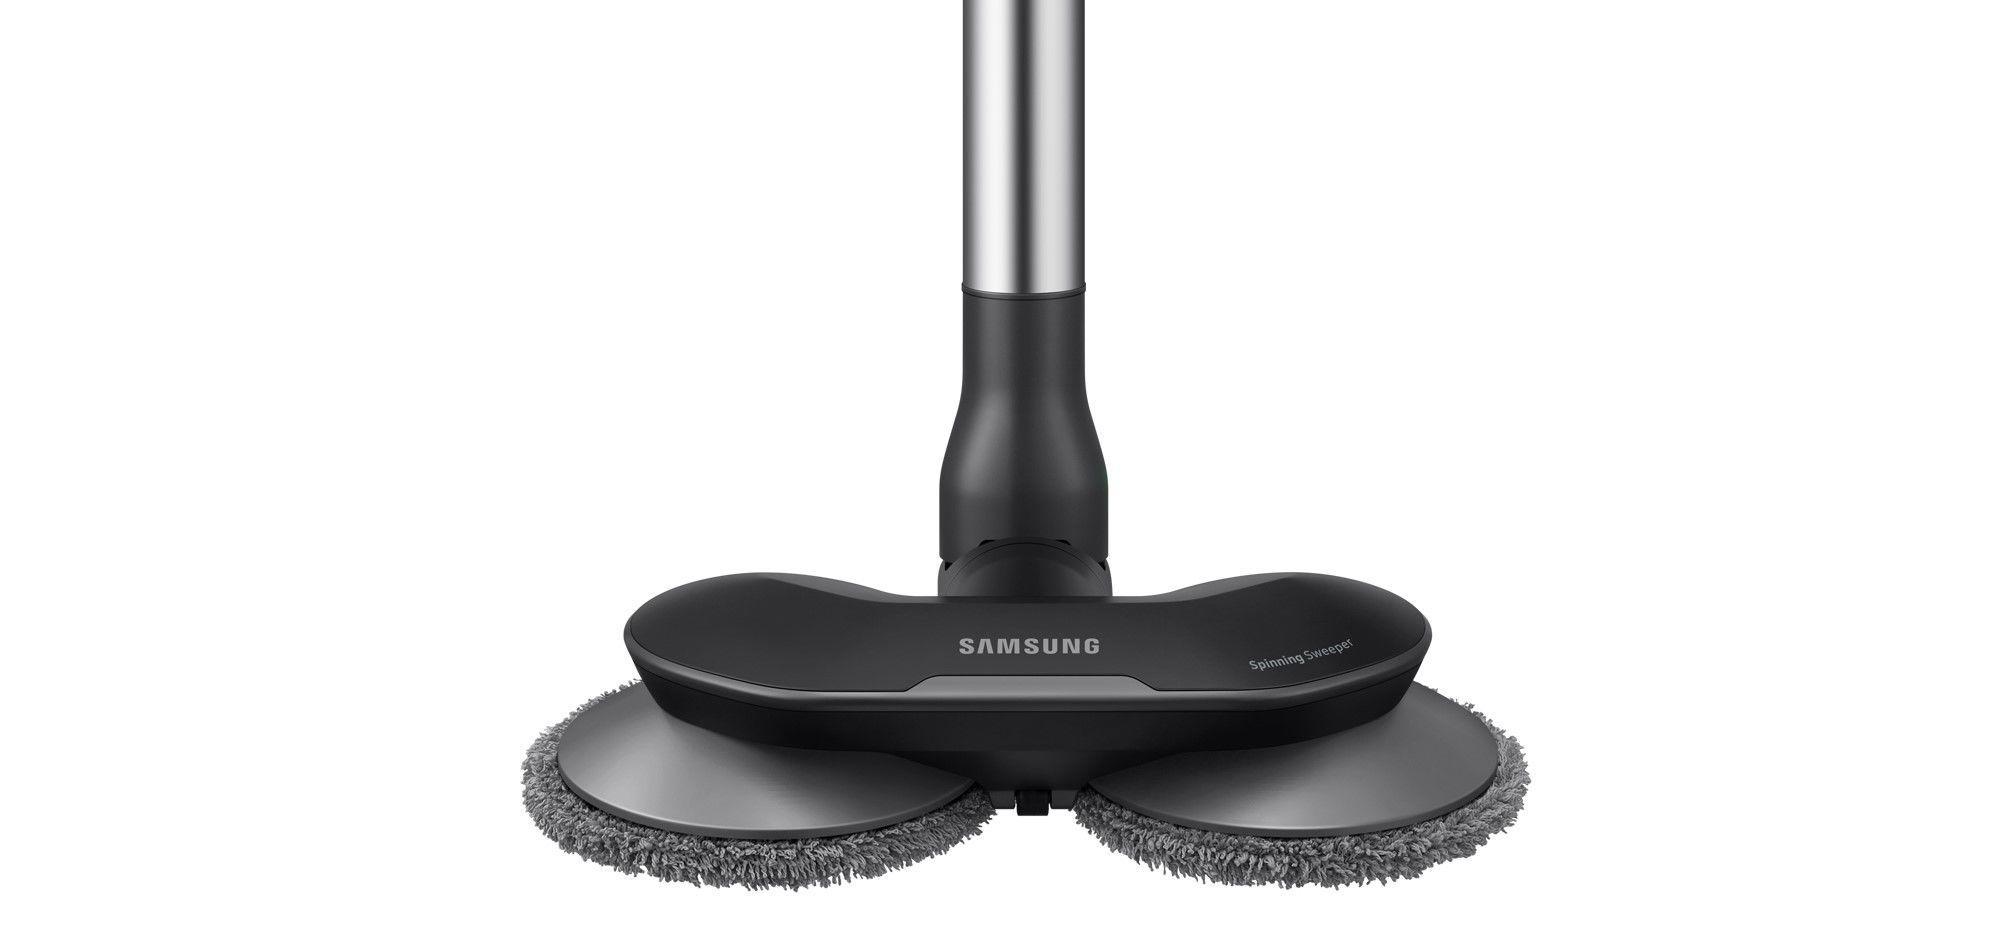 Powerstick Jet spinning mop attachment